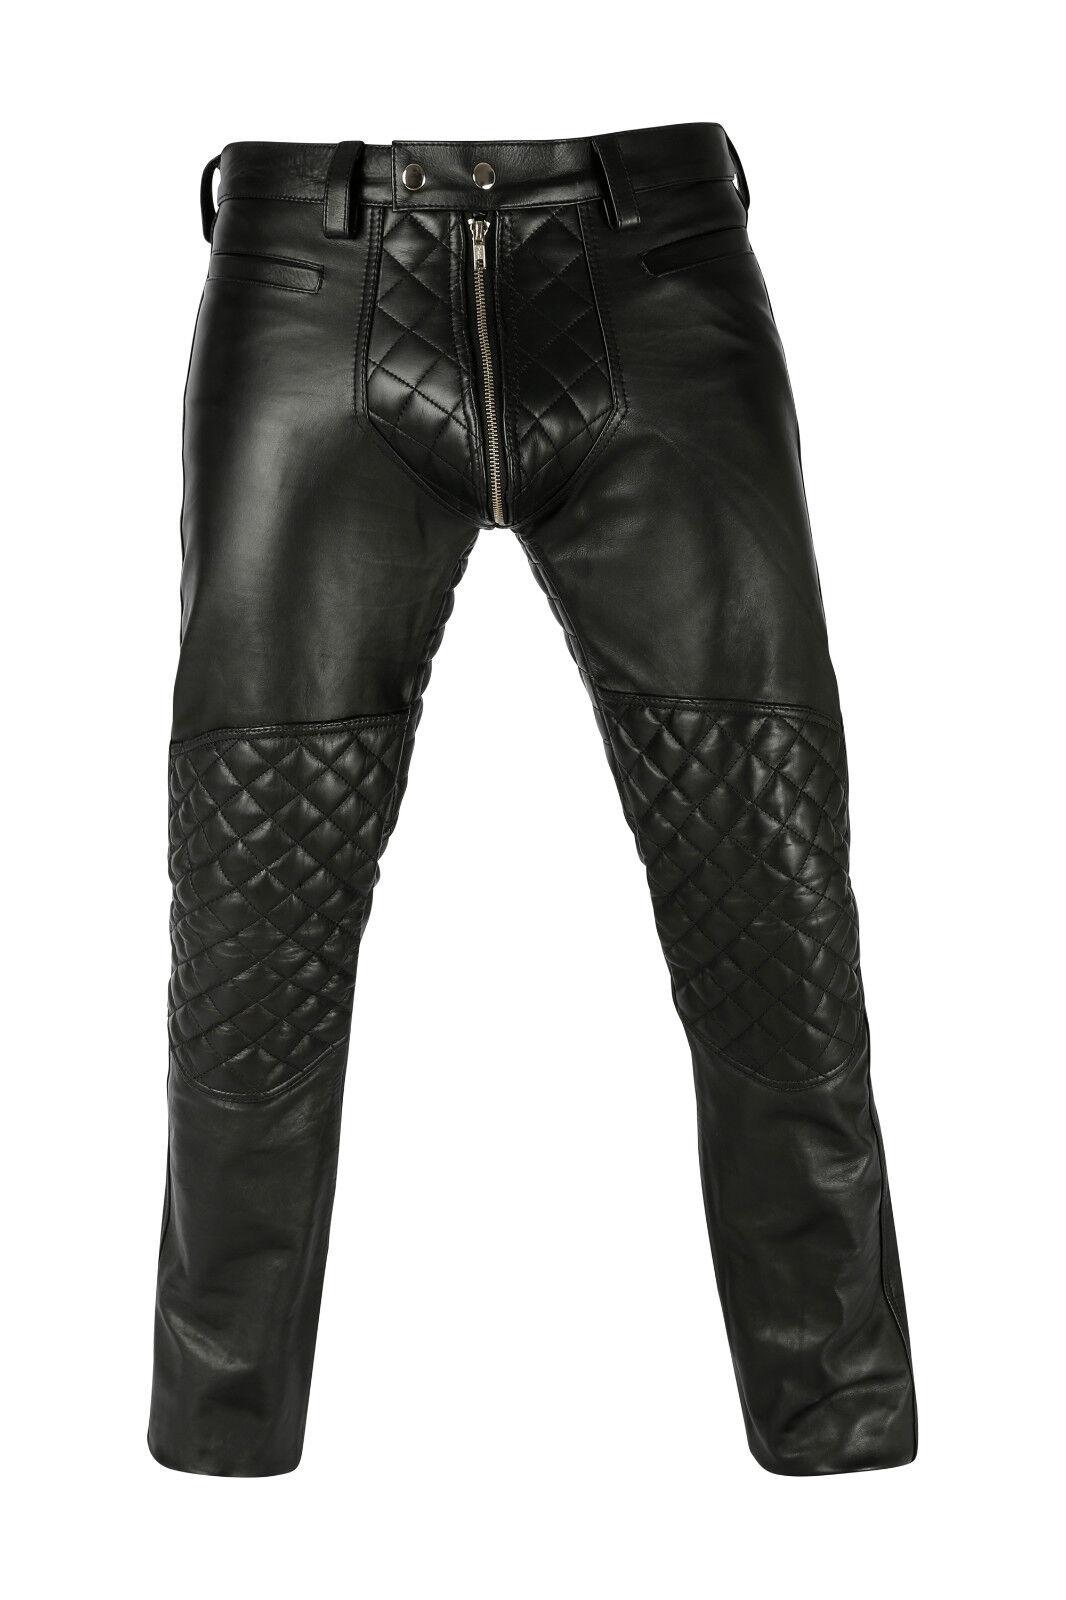 AW-7800 Soft Lederhose gepolstert 2 wege RV,Leder Hose Padded,leather Trousers